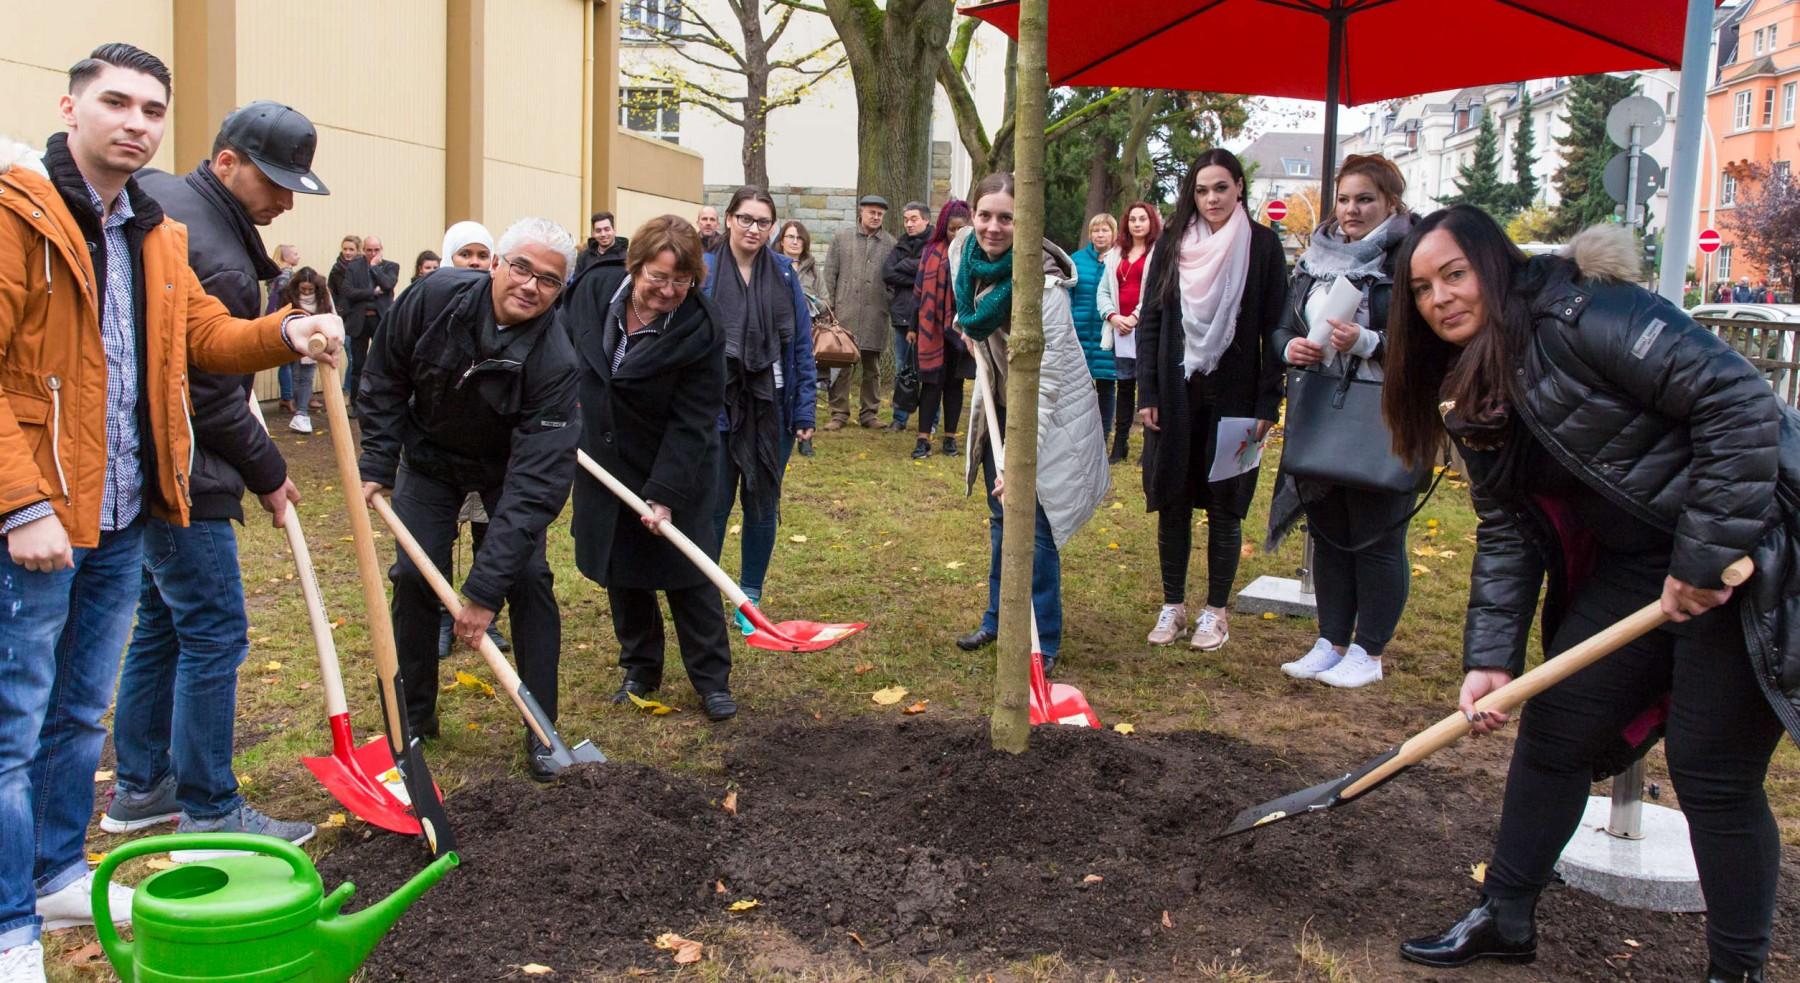 Bonn, Abendrealschule Dorotheenstraße, Projekte gegen Gewalt.Der OB pflanzt zusammen mit Dorothee Pöhler (re., Mutter von Niklas), der SLin Marlies Schopen (rechts neben dem OB) und ehemaligen Mitschülern von Niklas (Klasse 2f) einen Ahornbaum auf dem Schulhof.Foto: Matthias Kehrein